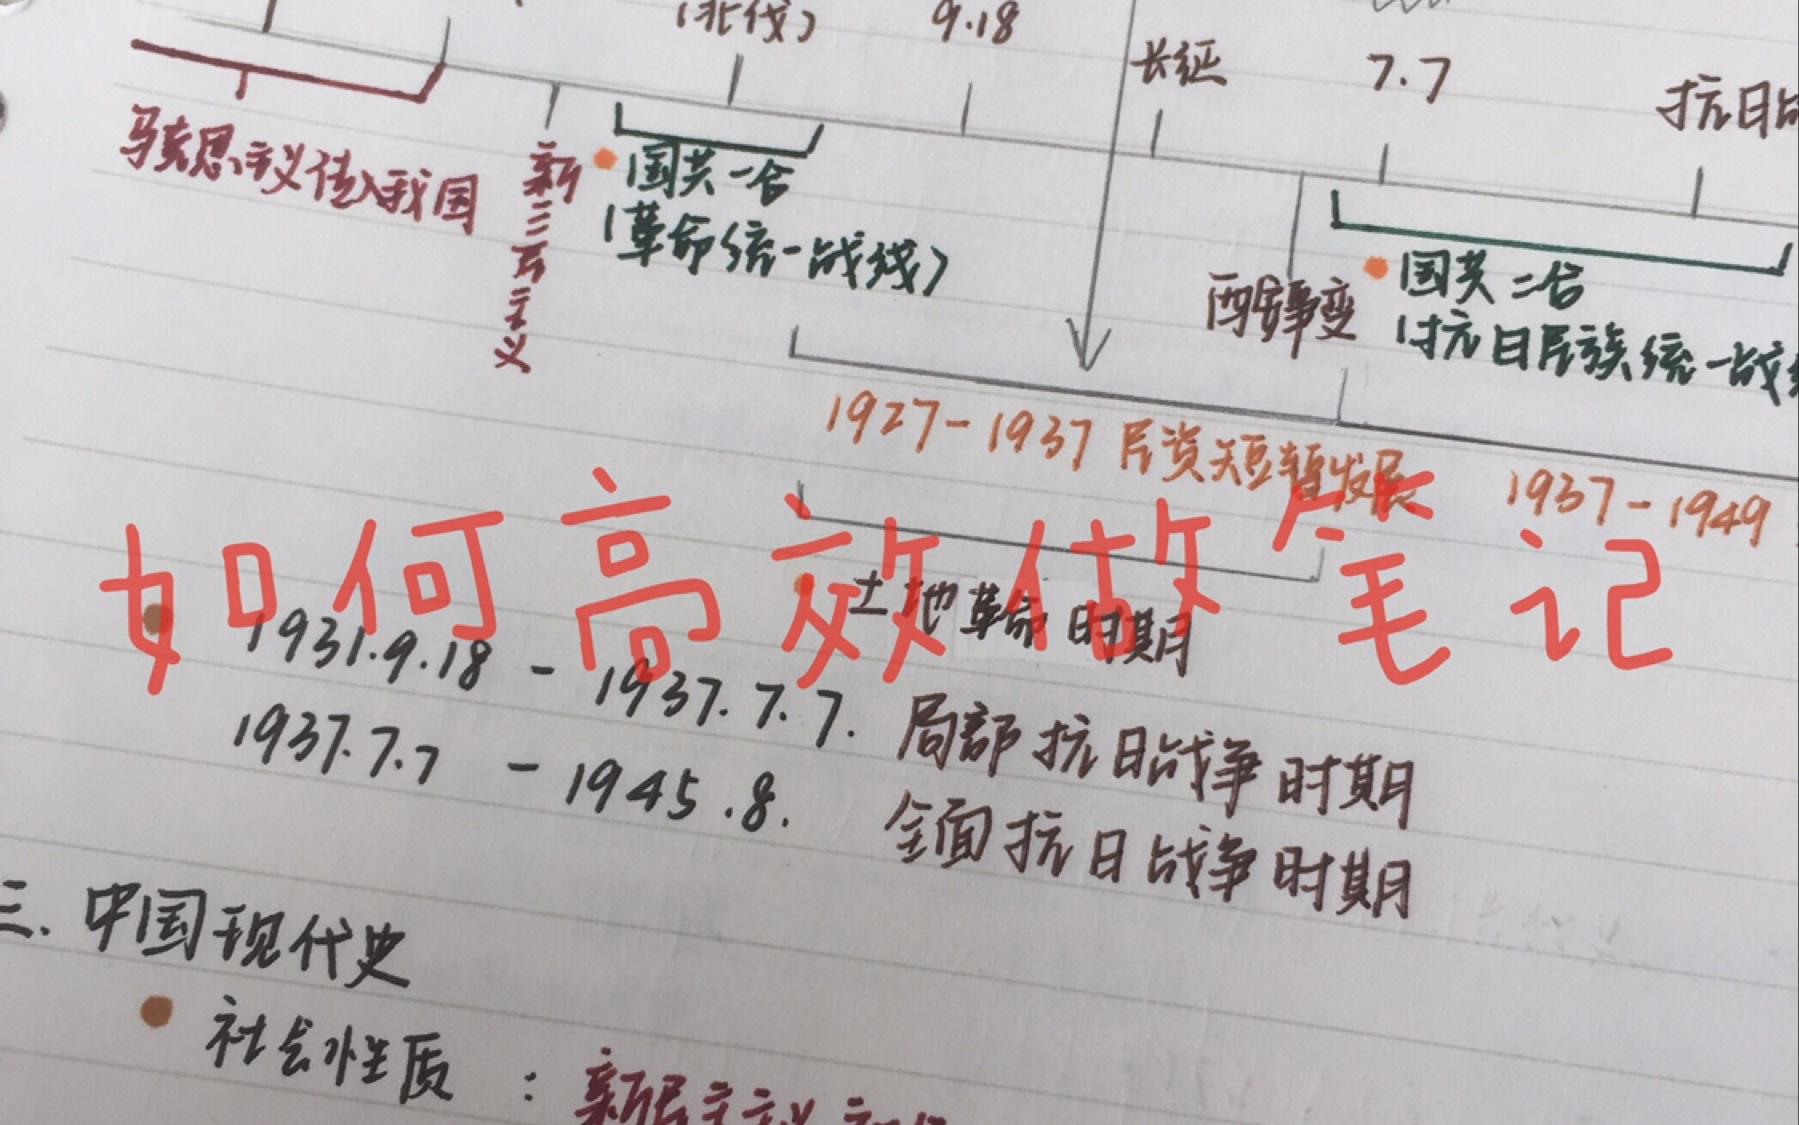 【囧妈的干货】如何高效做笔记/高效?/笔记?